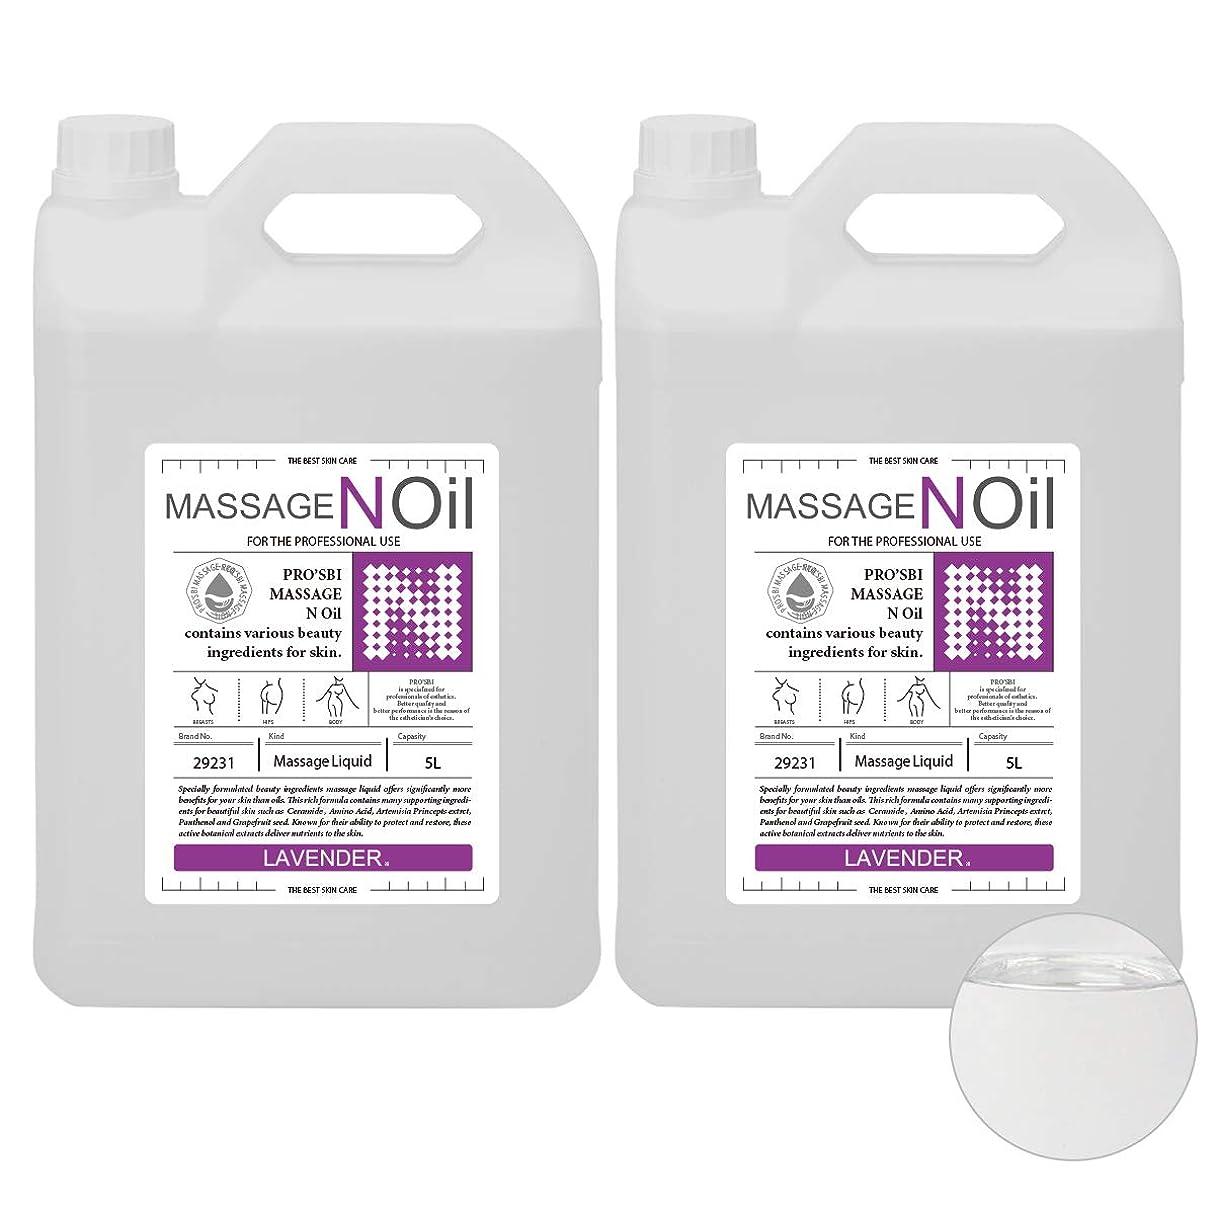 新しい意味局資格< プロズビ> マッサージノイル ラベンダー 5L (2個セット) [ オイルフリー マッサージオイル マッサージジェル ボディマッサージオイル ボディオイル アロママッサージオイル マッサージリキッド グリセリン 水溶性 敏感肌 業務用 ]